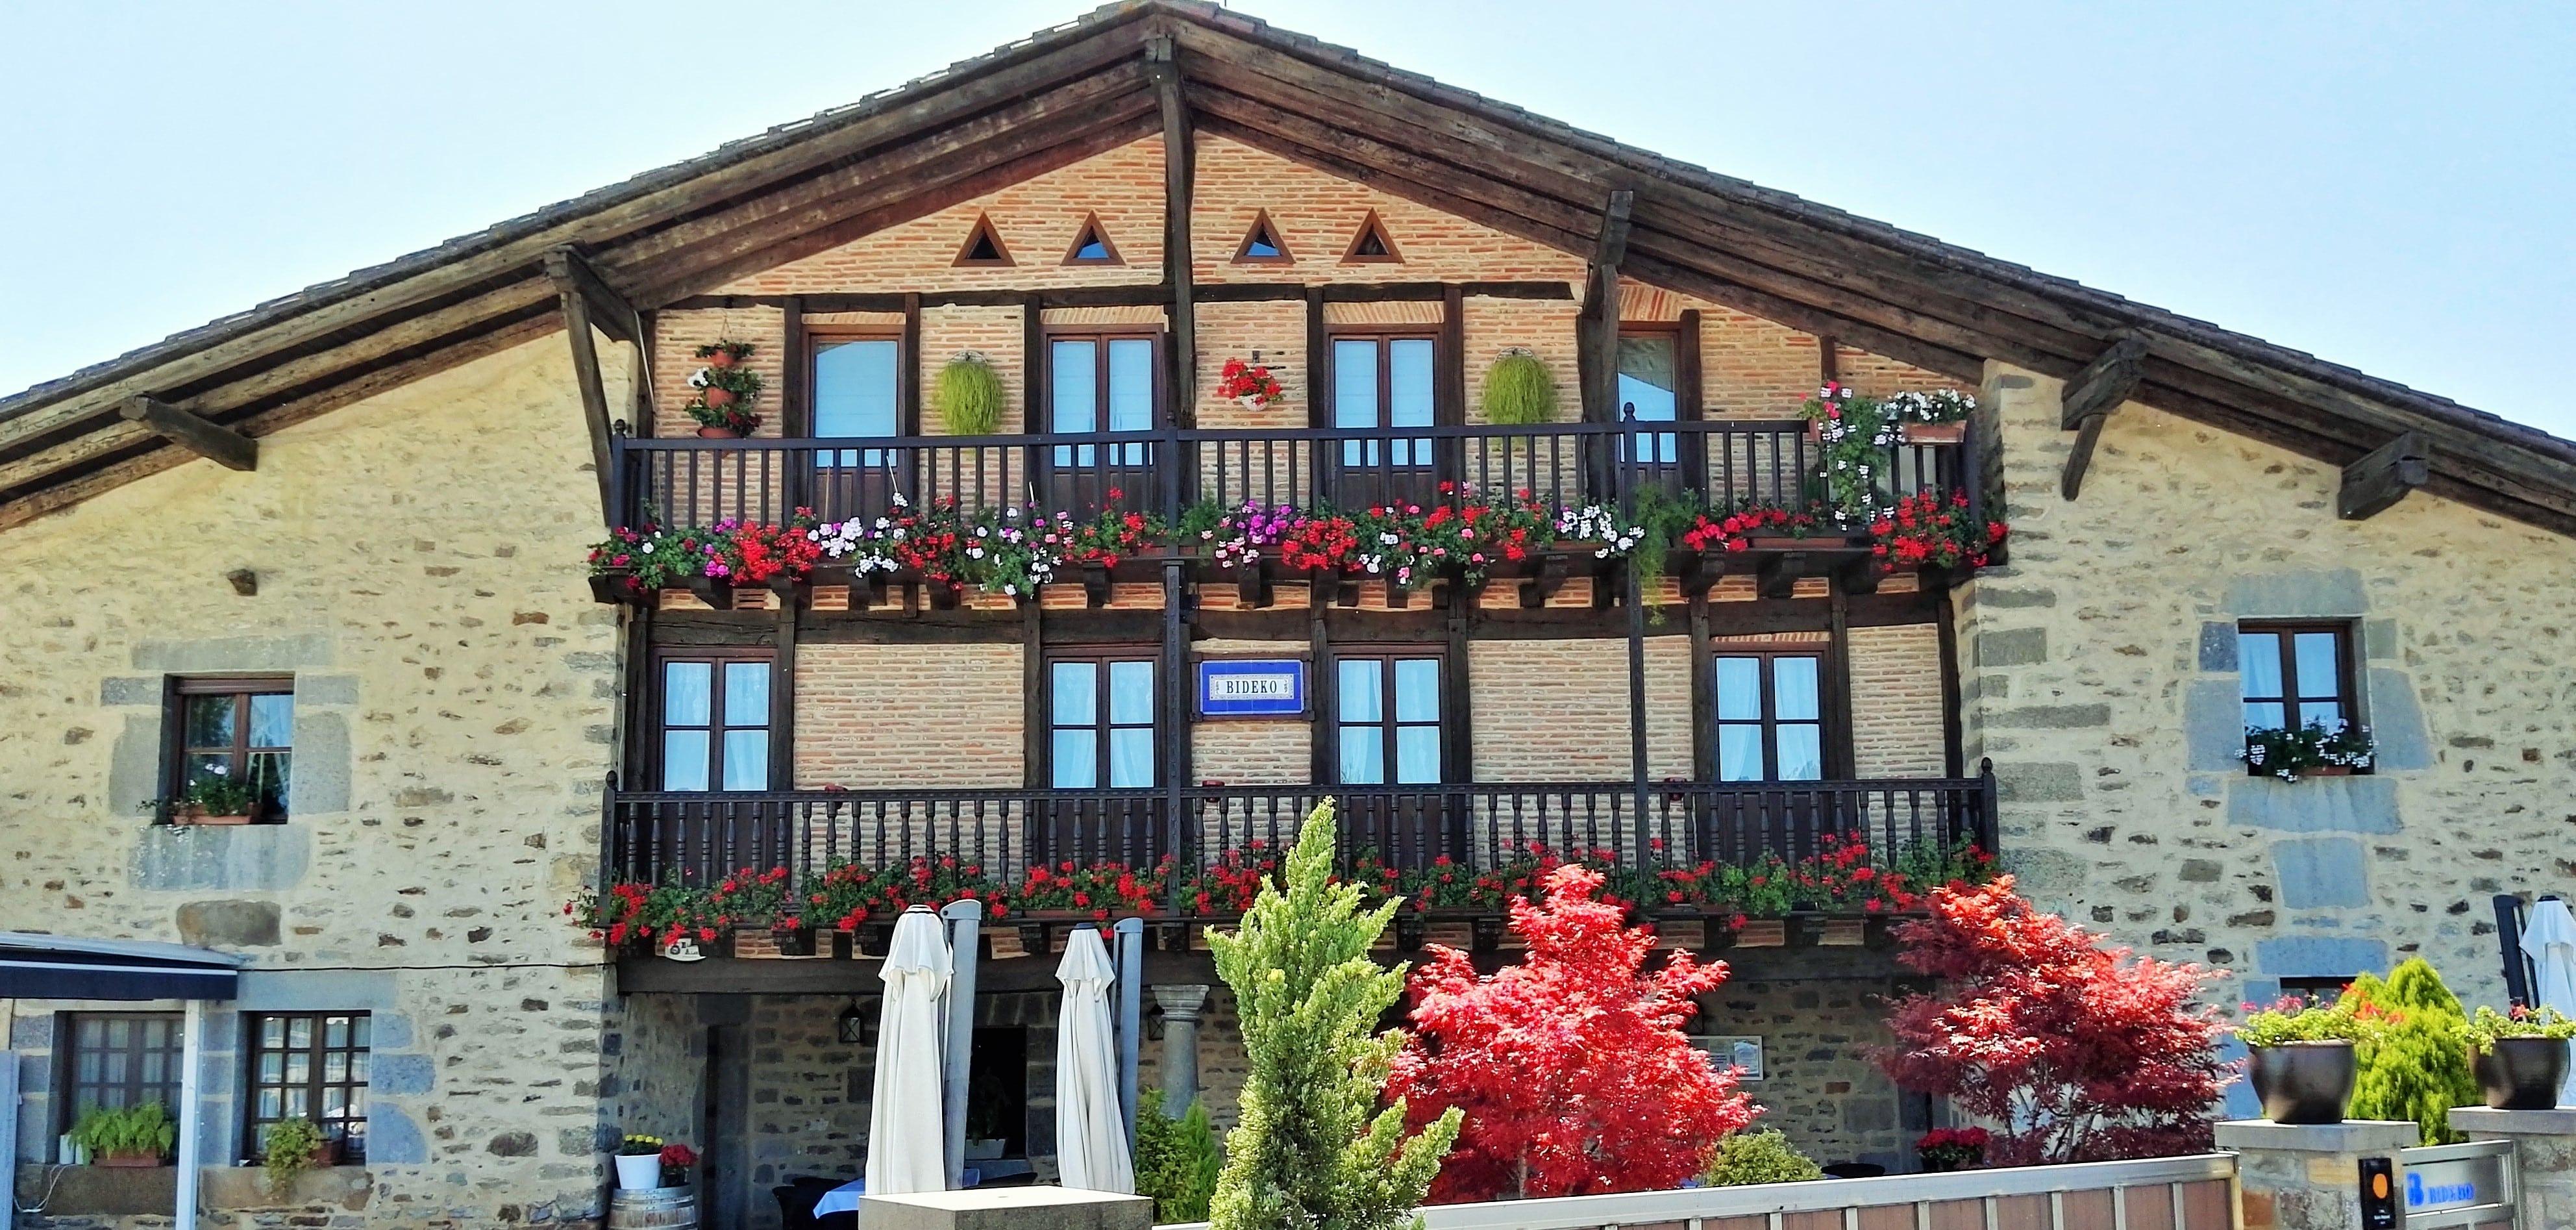 restaurante_bideko-exteriores-terraza-cocina_tradicional_vasca-restaurantes_vizcaya-restaurantes_alava-comer_en_euskadi-bideko-amurrio-lezama (55)